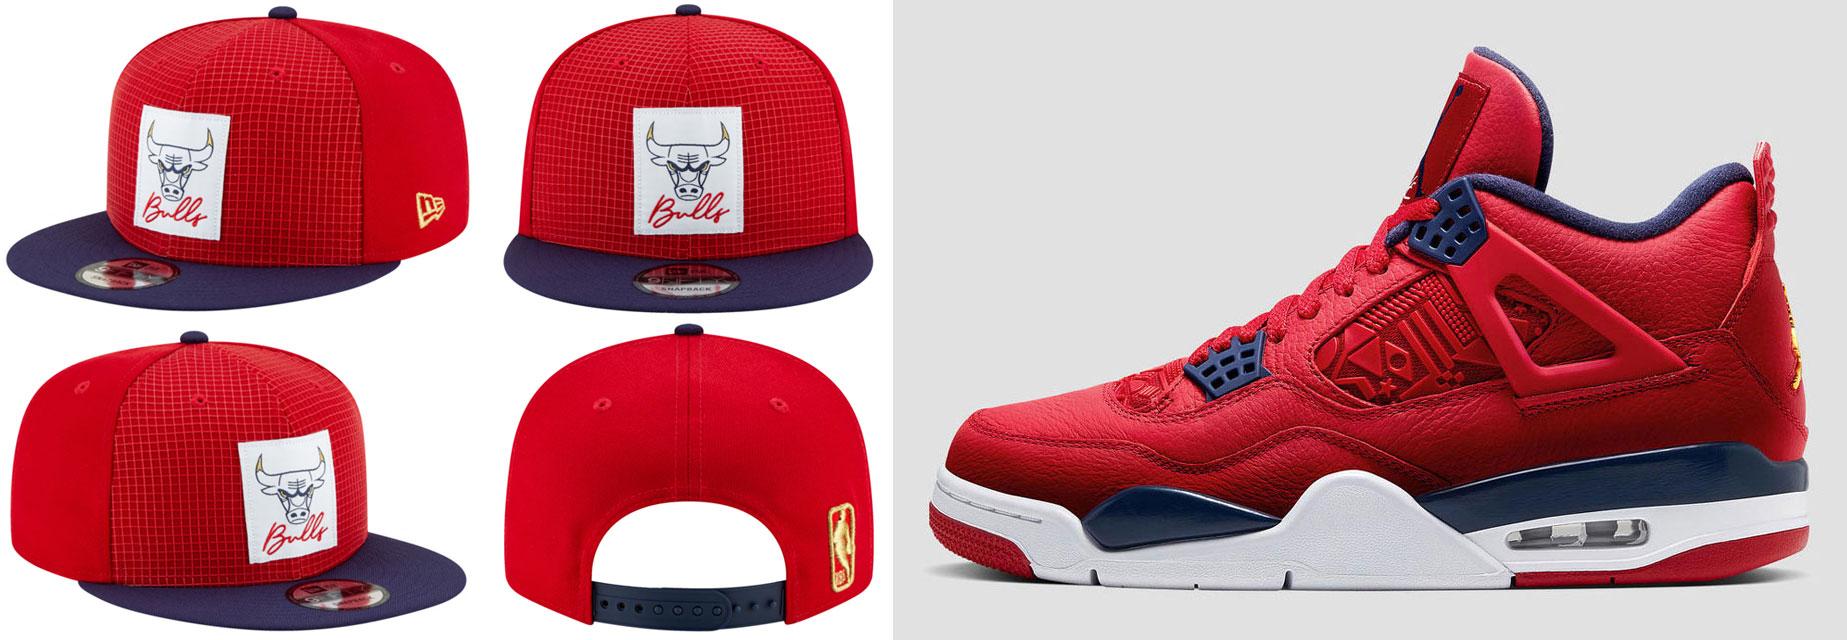 air-jordan-4-fiba-bulls-hat